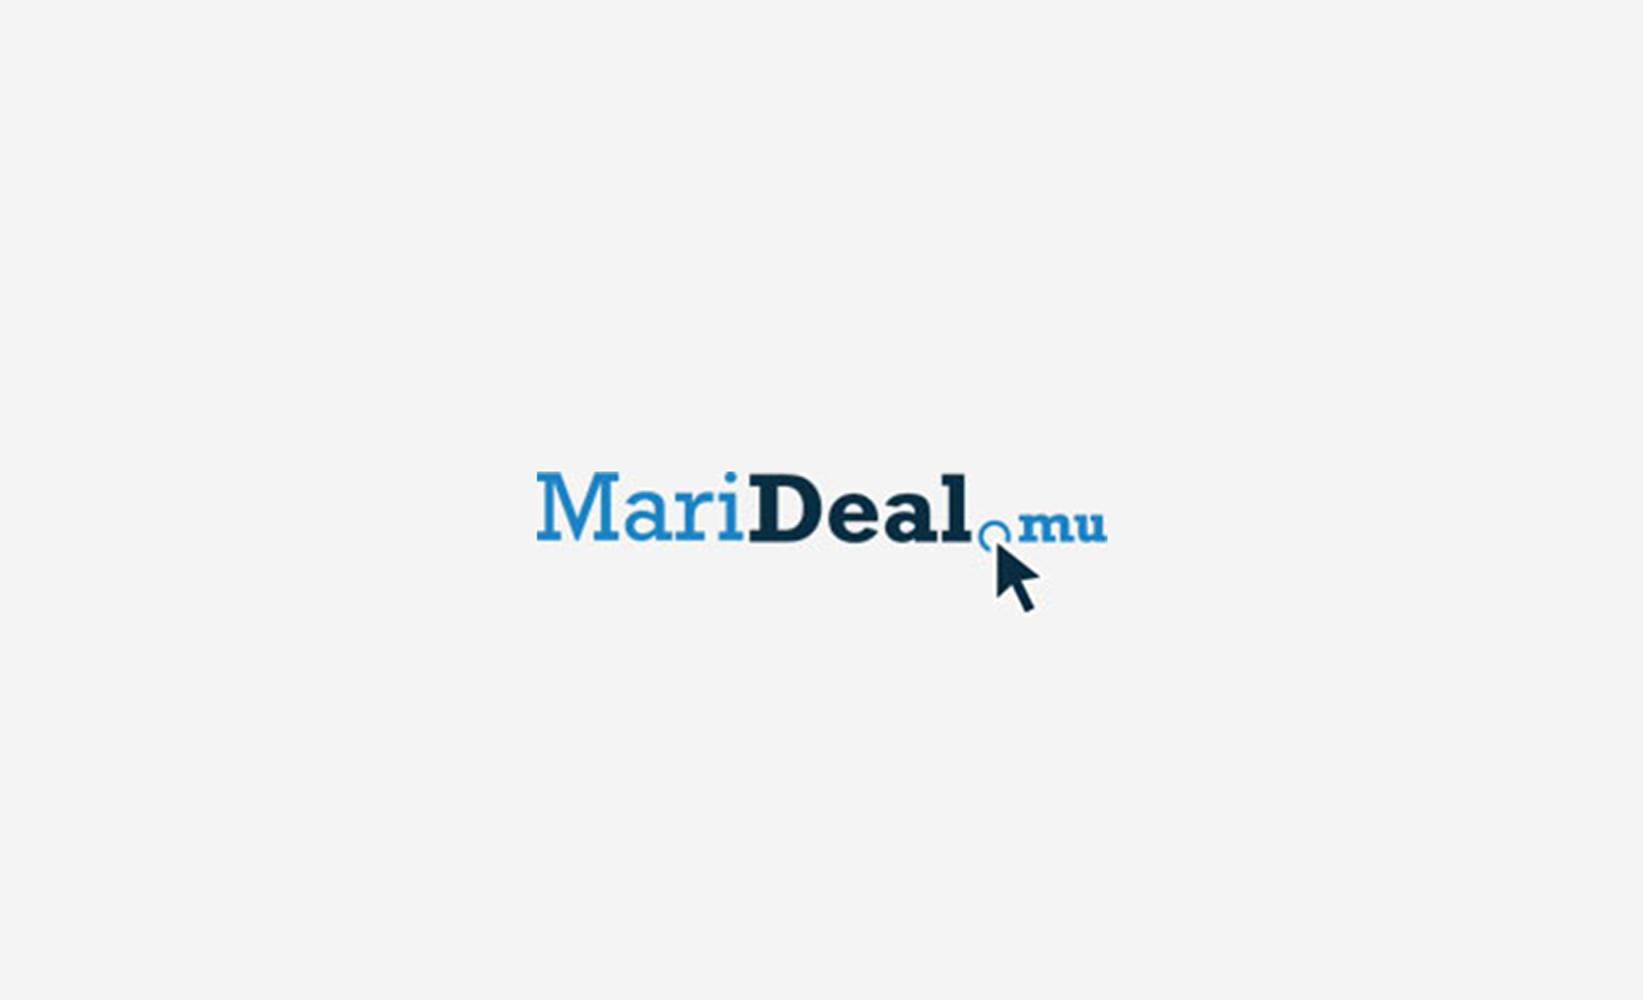 MariDeal.mu